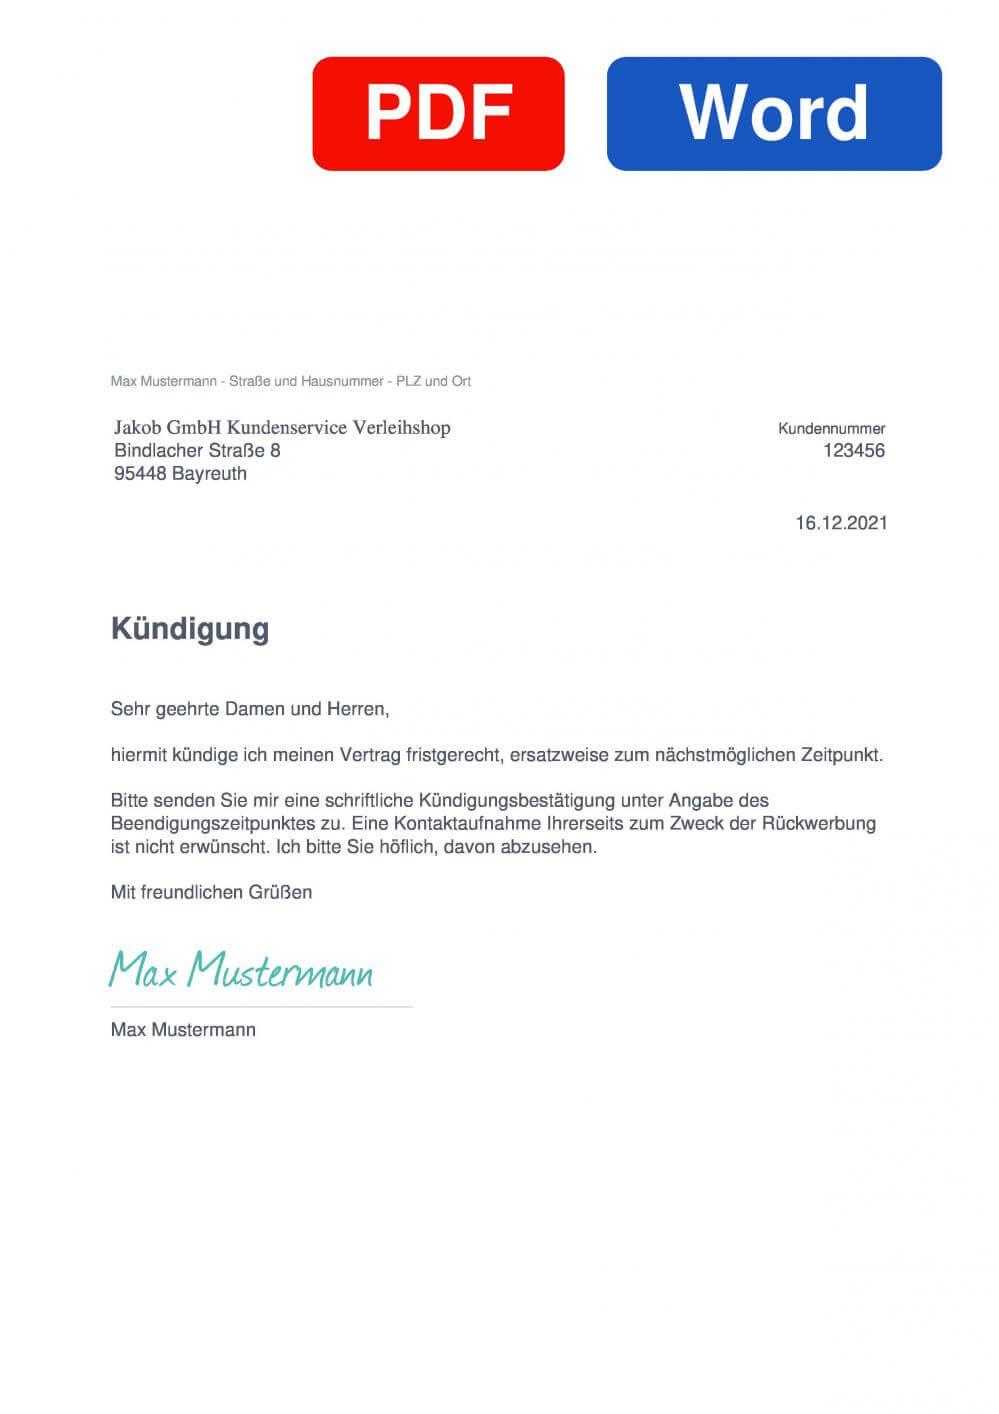 Verleihshop Muster Vorlage für Kündigungsschreiben